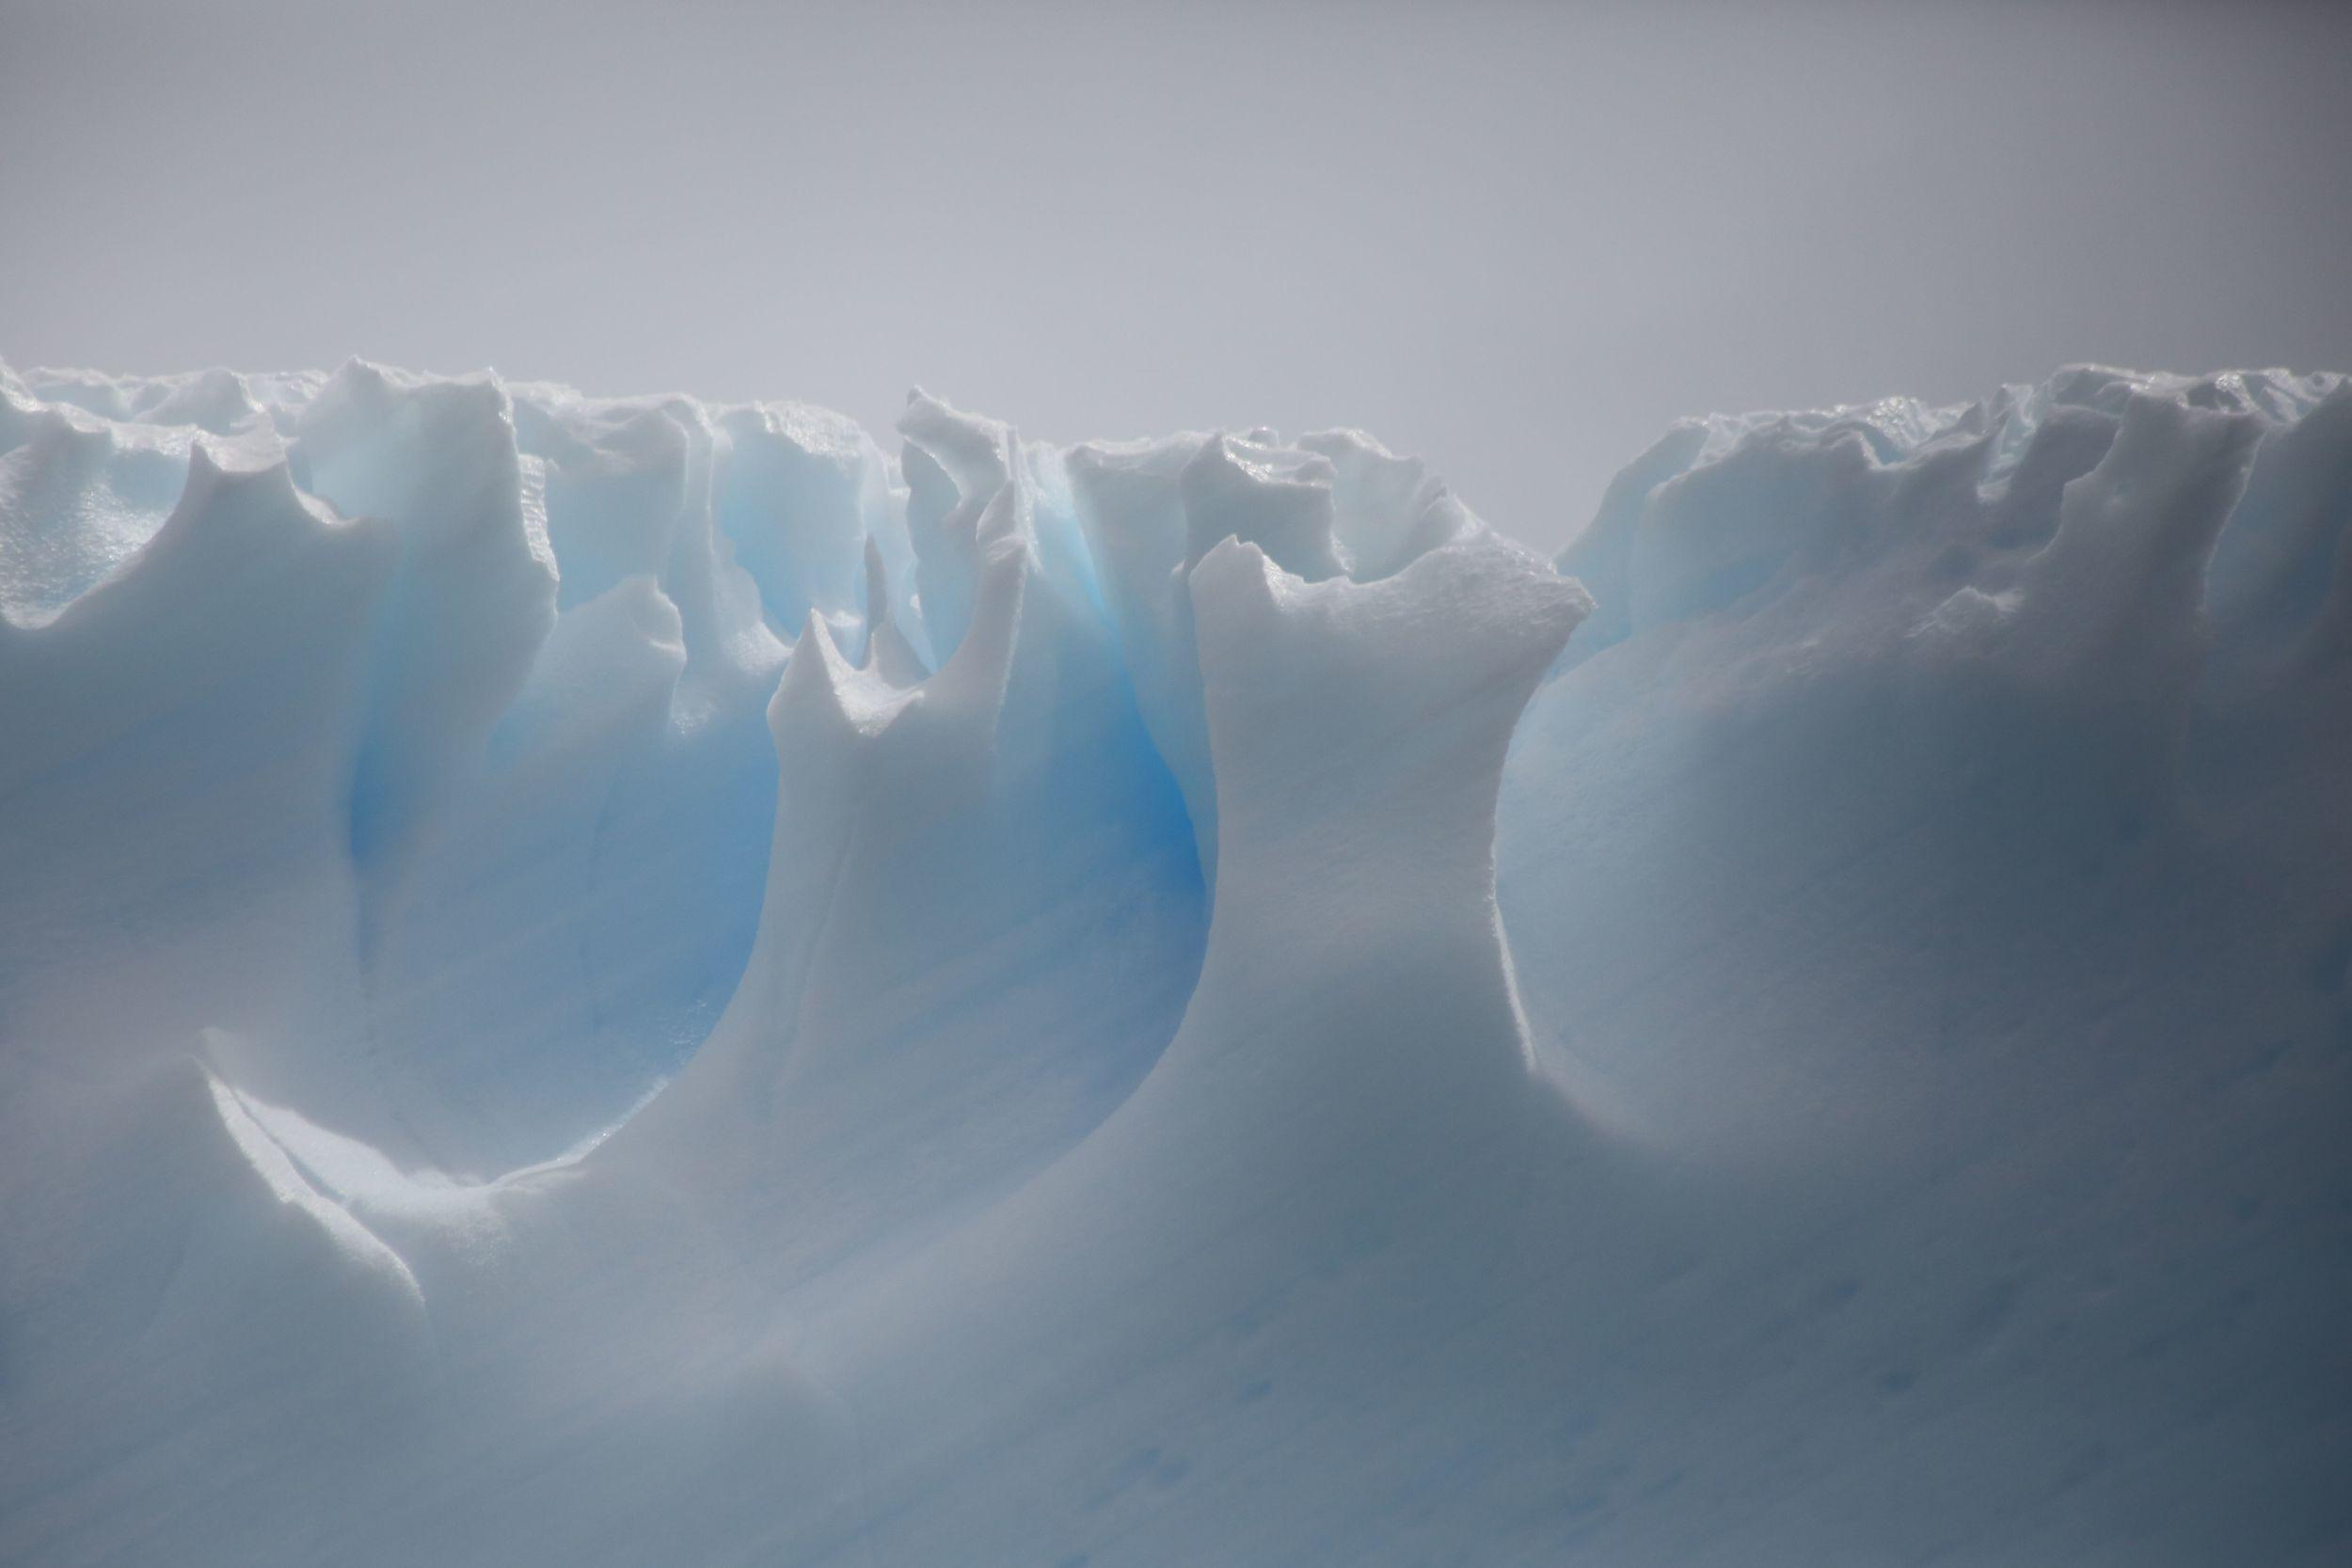 iceberg111317o.jpg